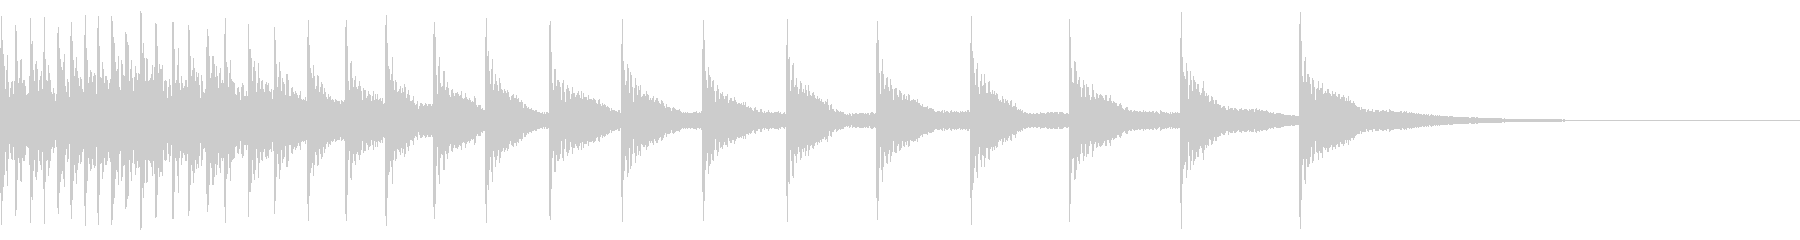 ティンパニ:ハード・ディレライジン...の未再生の波形